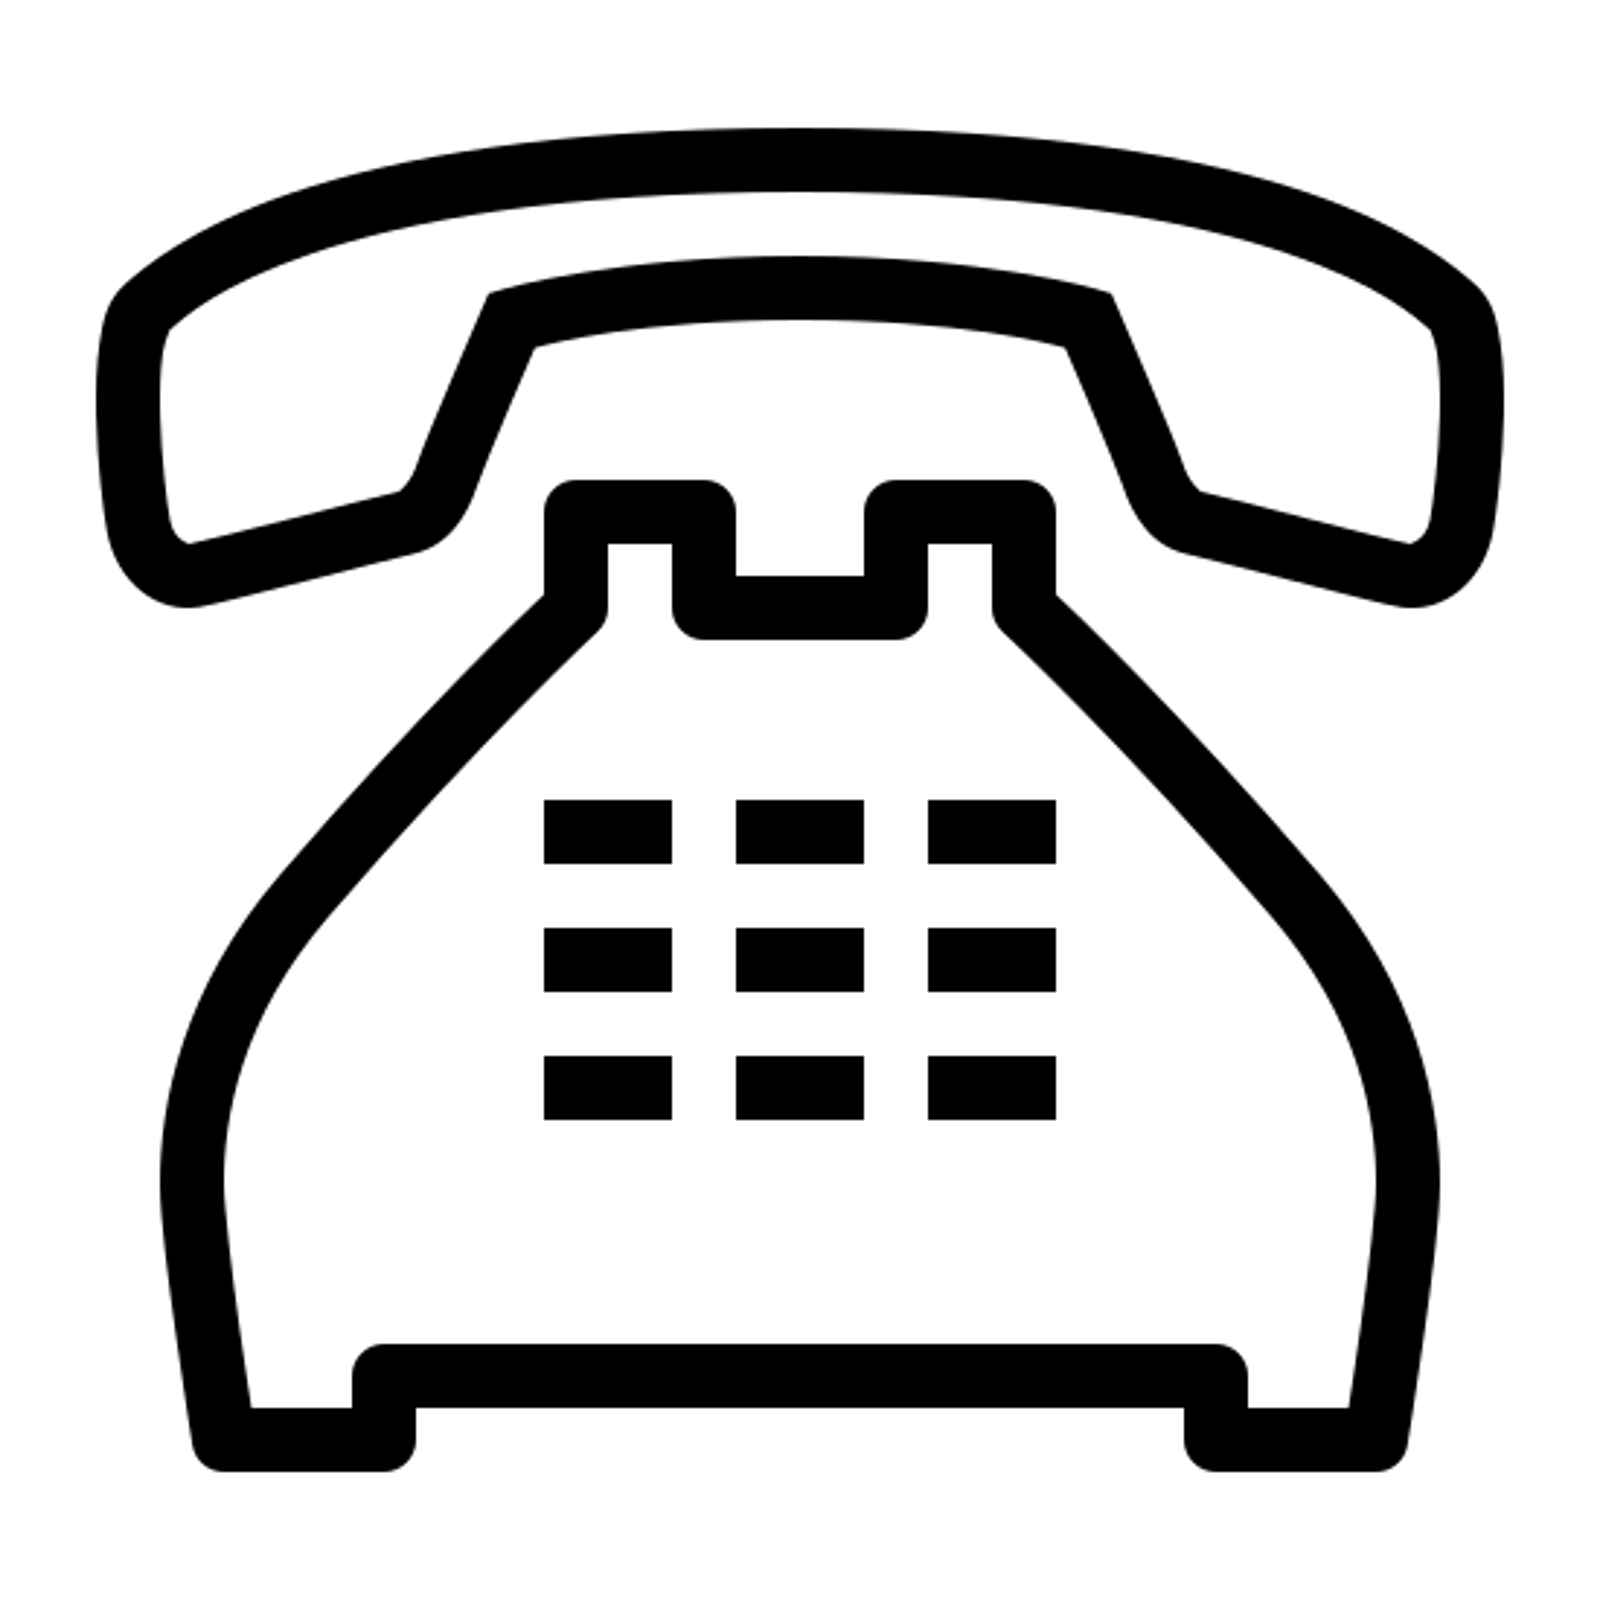 Nieużywany telefon icon